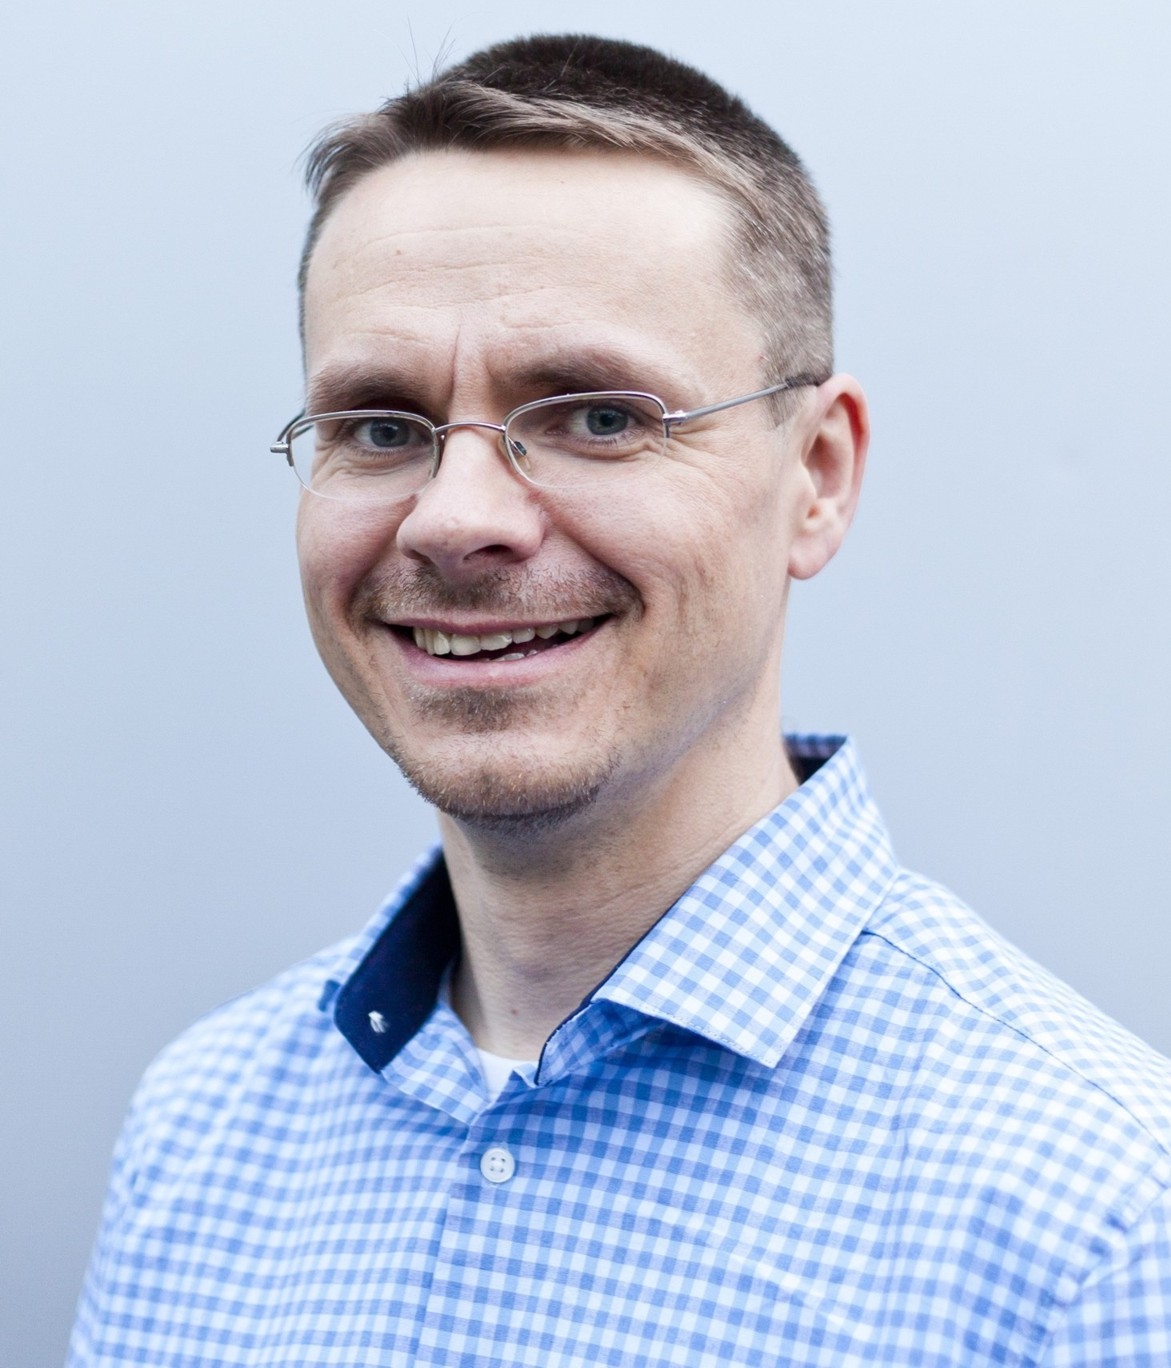 Johannes Schulte berichtet über seine Burnout-Erfahrungen